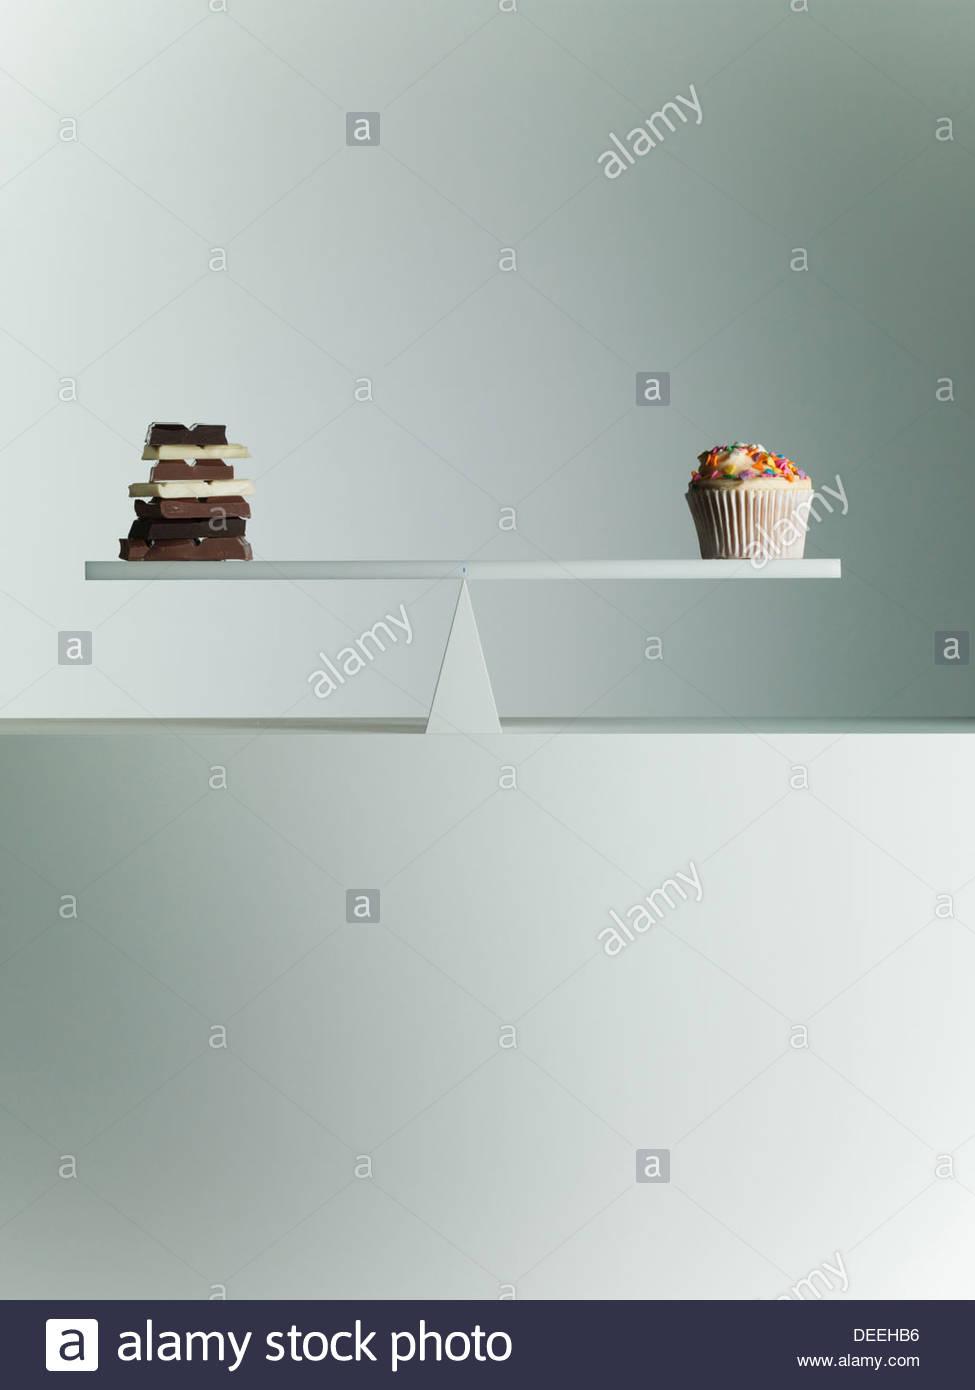 Cupcake chocolat et équilibrées sur seesaw Photo Stock